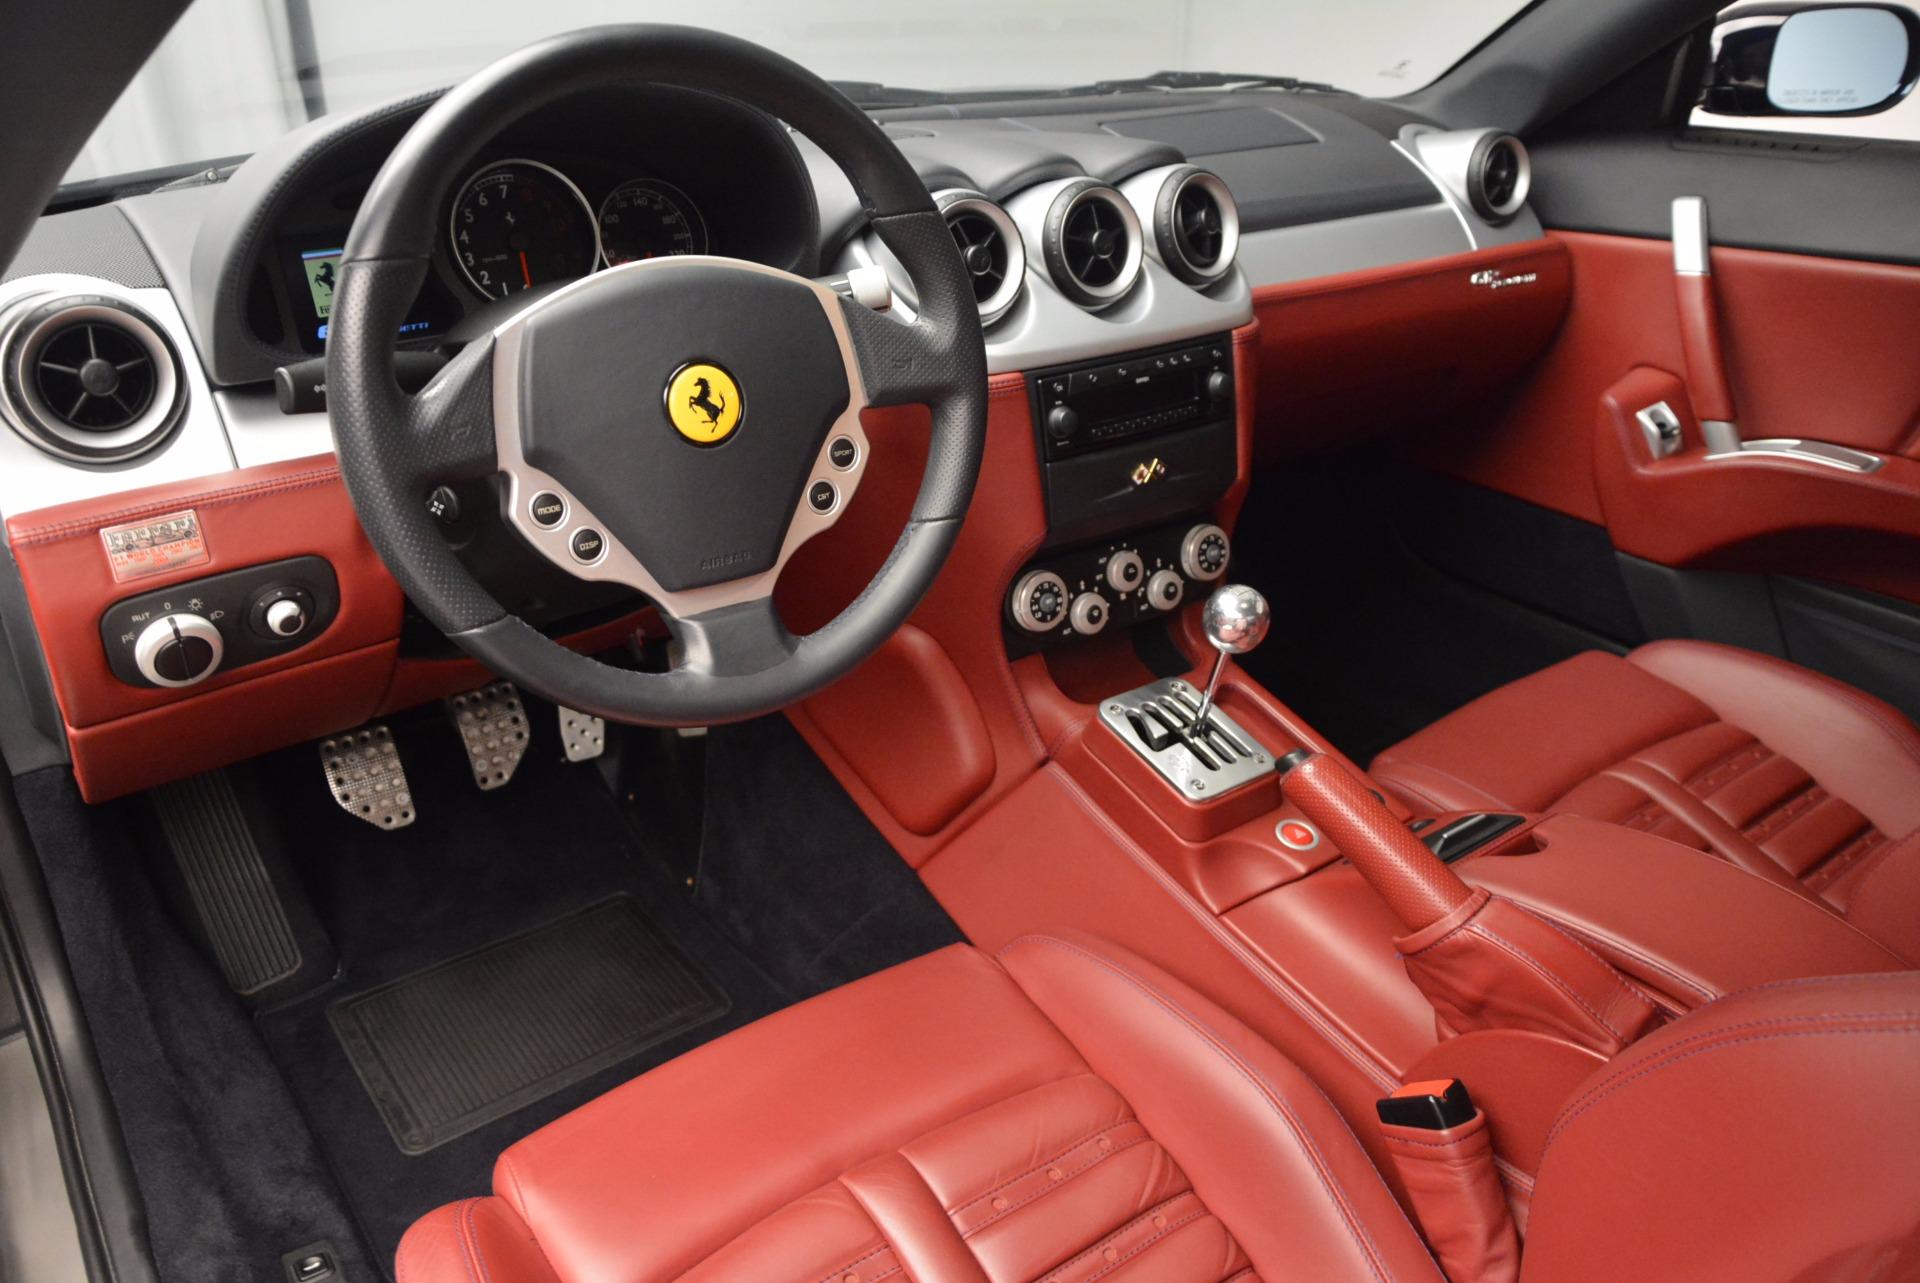 Used 2005 Ferrari 612 Scaglietti 6-Speed Manual For Sale In Greenwich, CT. Alfa Romeo of Greenwich, 4356 854_p2